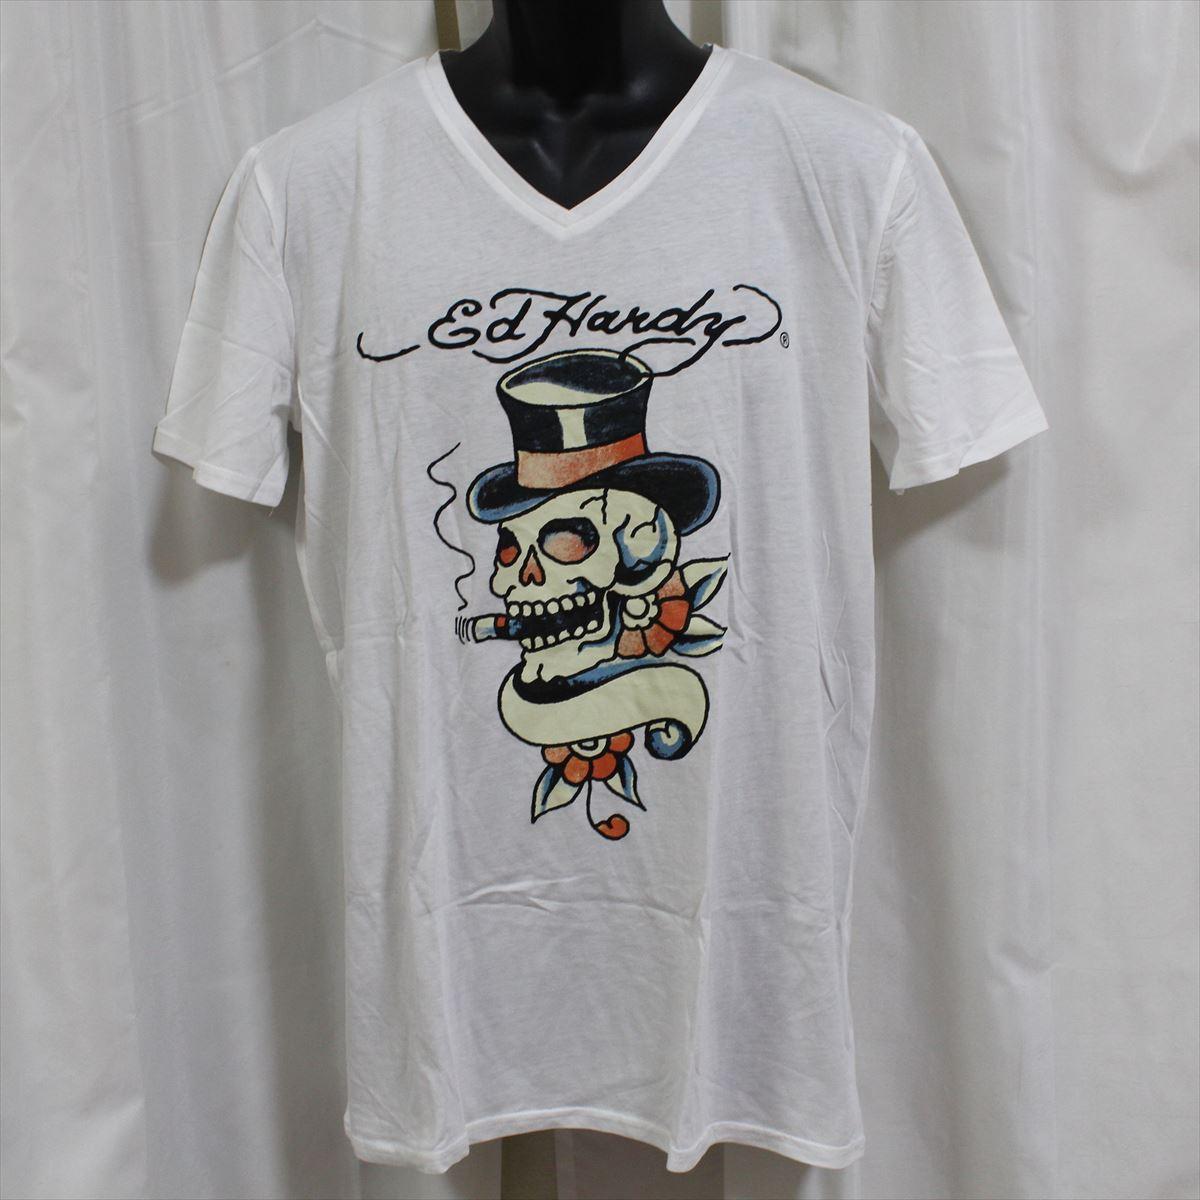 エドハーディー ED HARDY メンズ半袖Tシャツ ホワイト Lサイズ HB128 新品 スカル ドン・エド・ハーディー_画像1